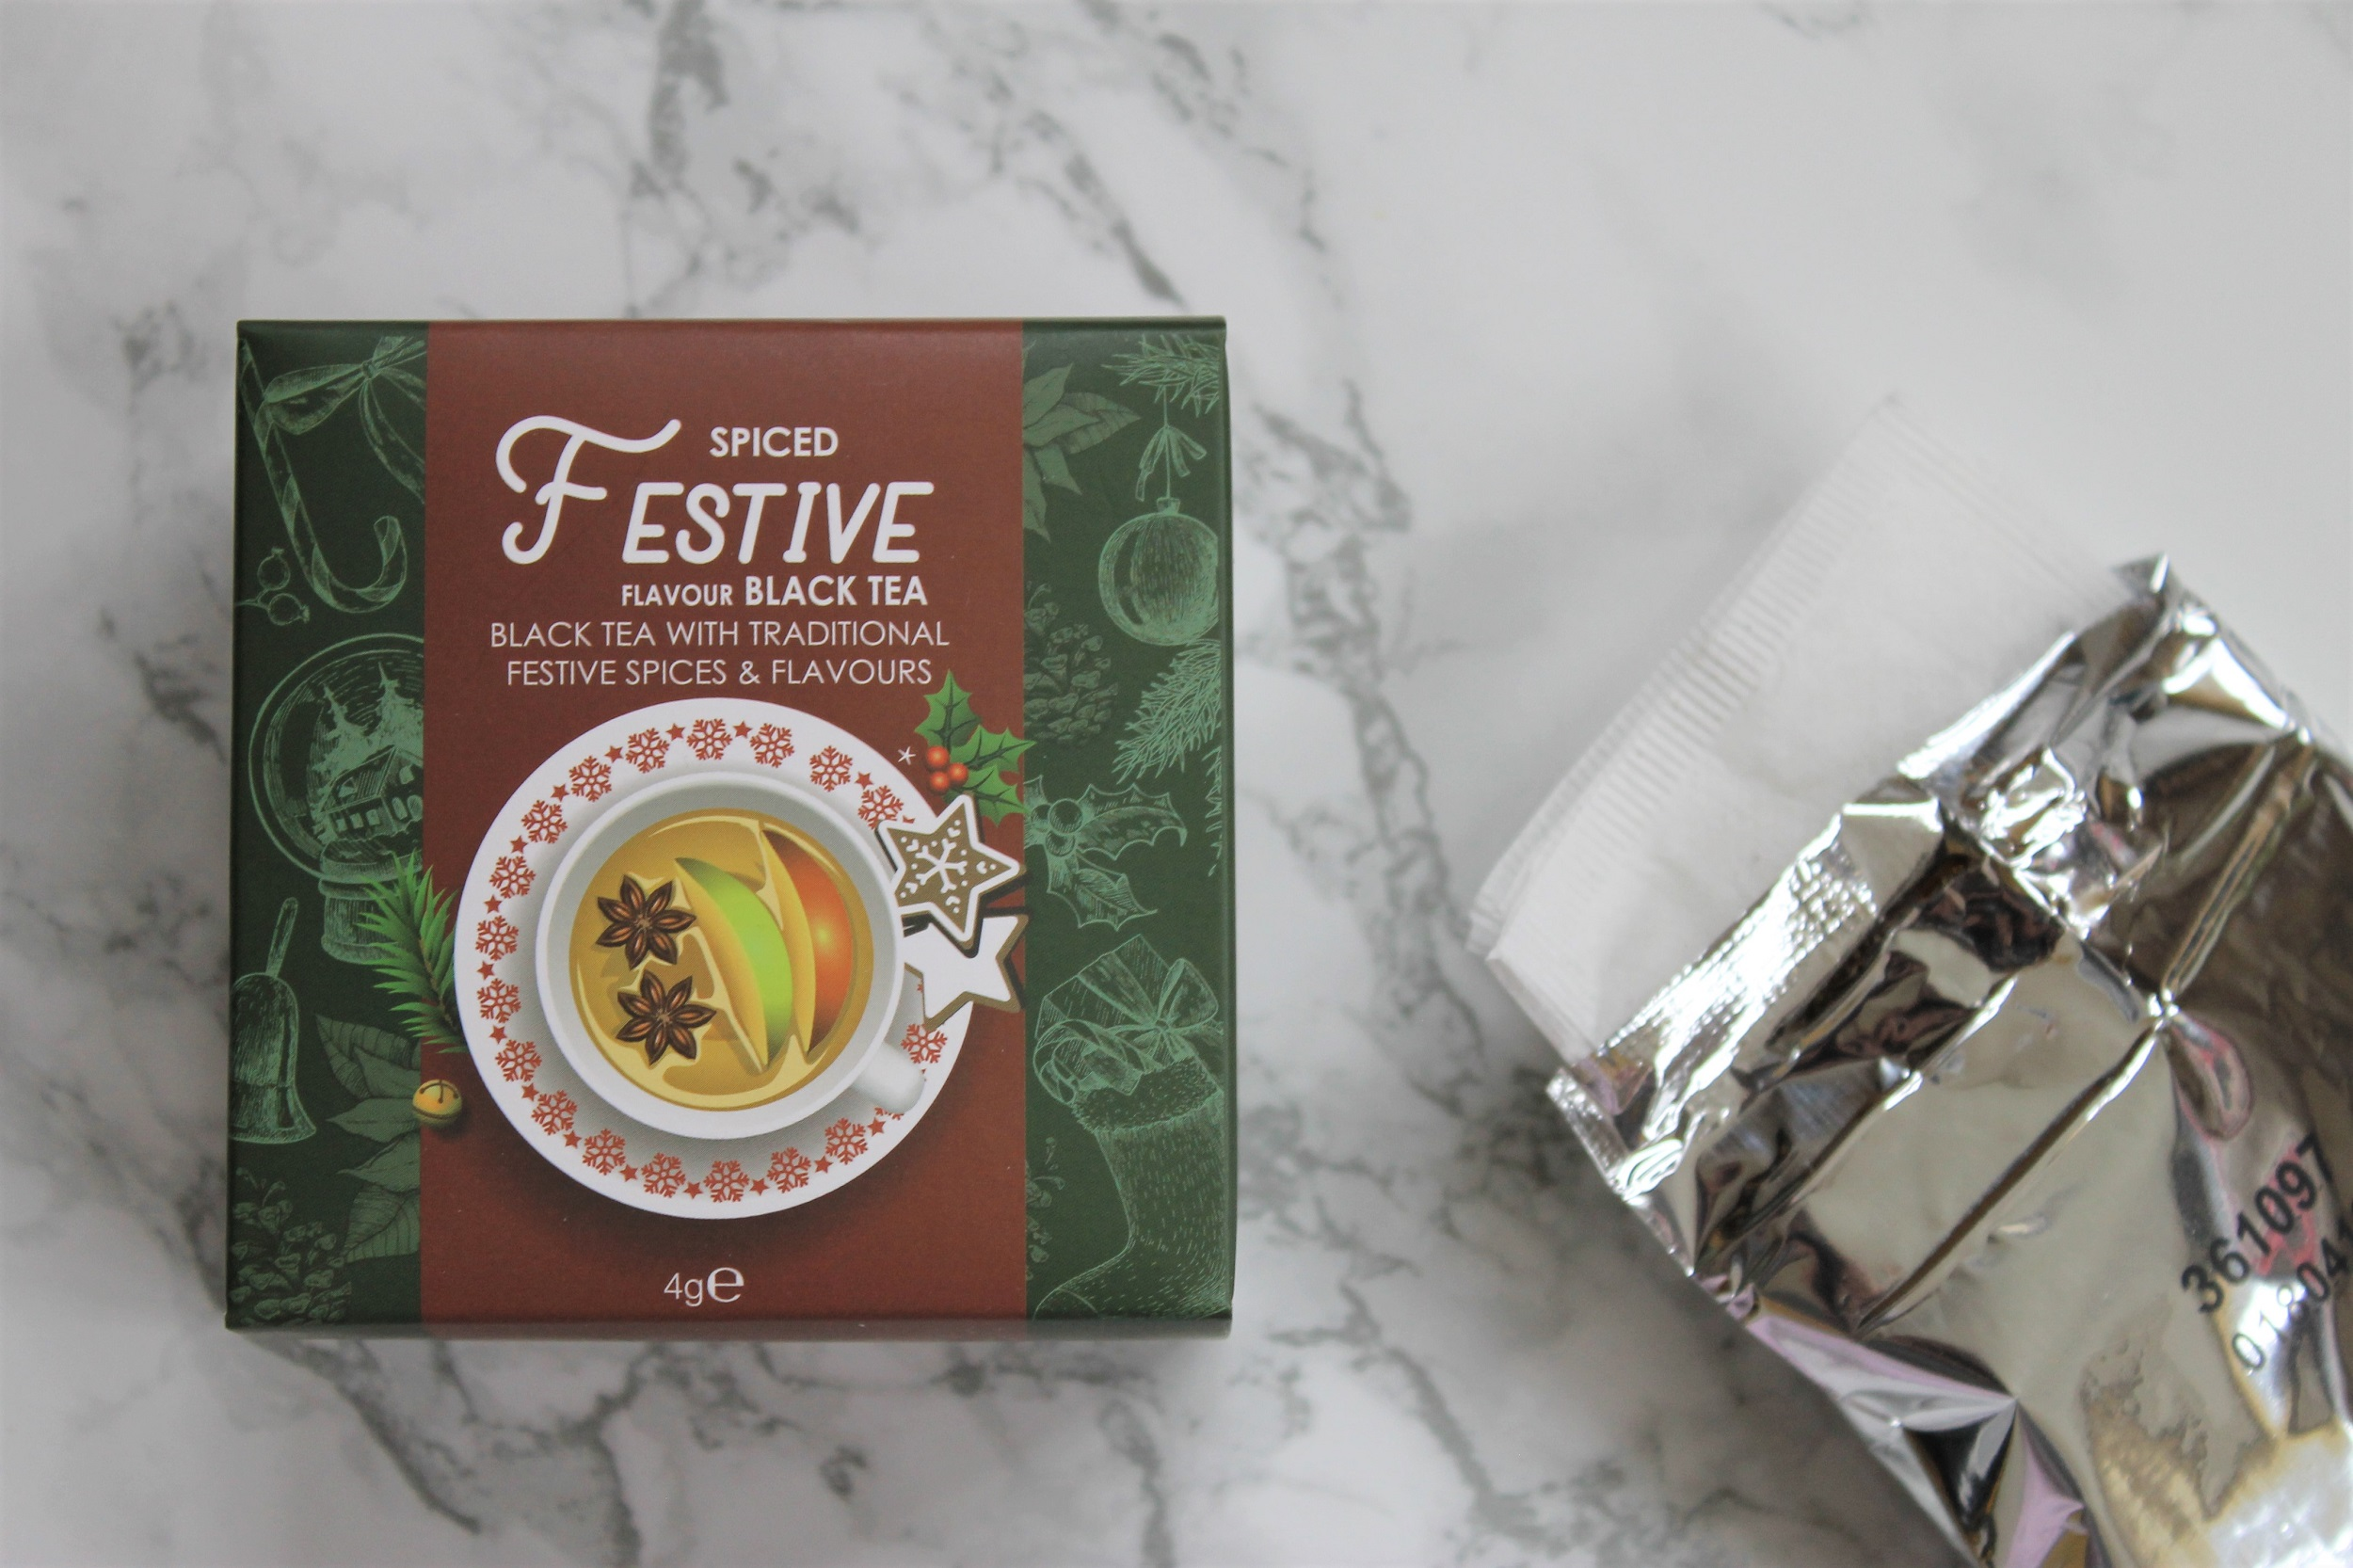 spiced festive black tea